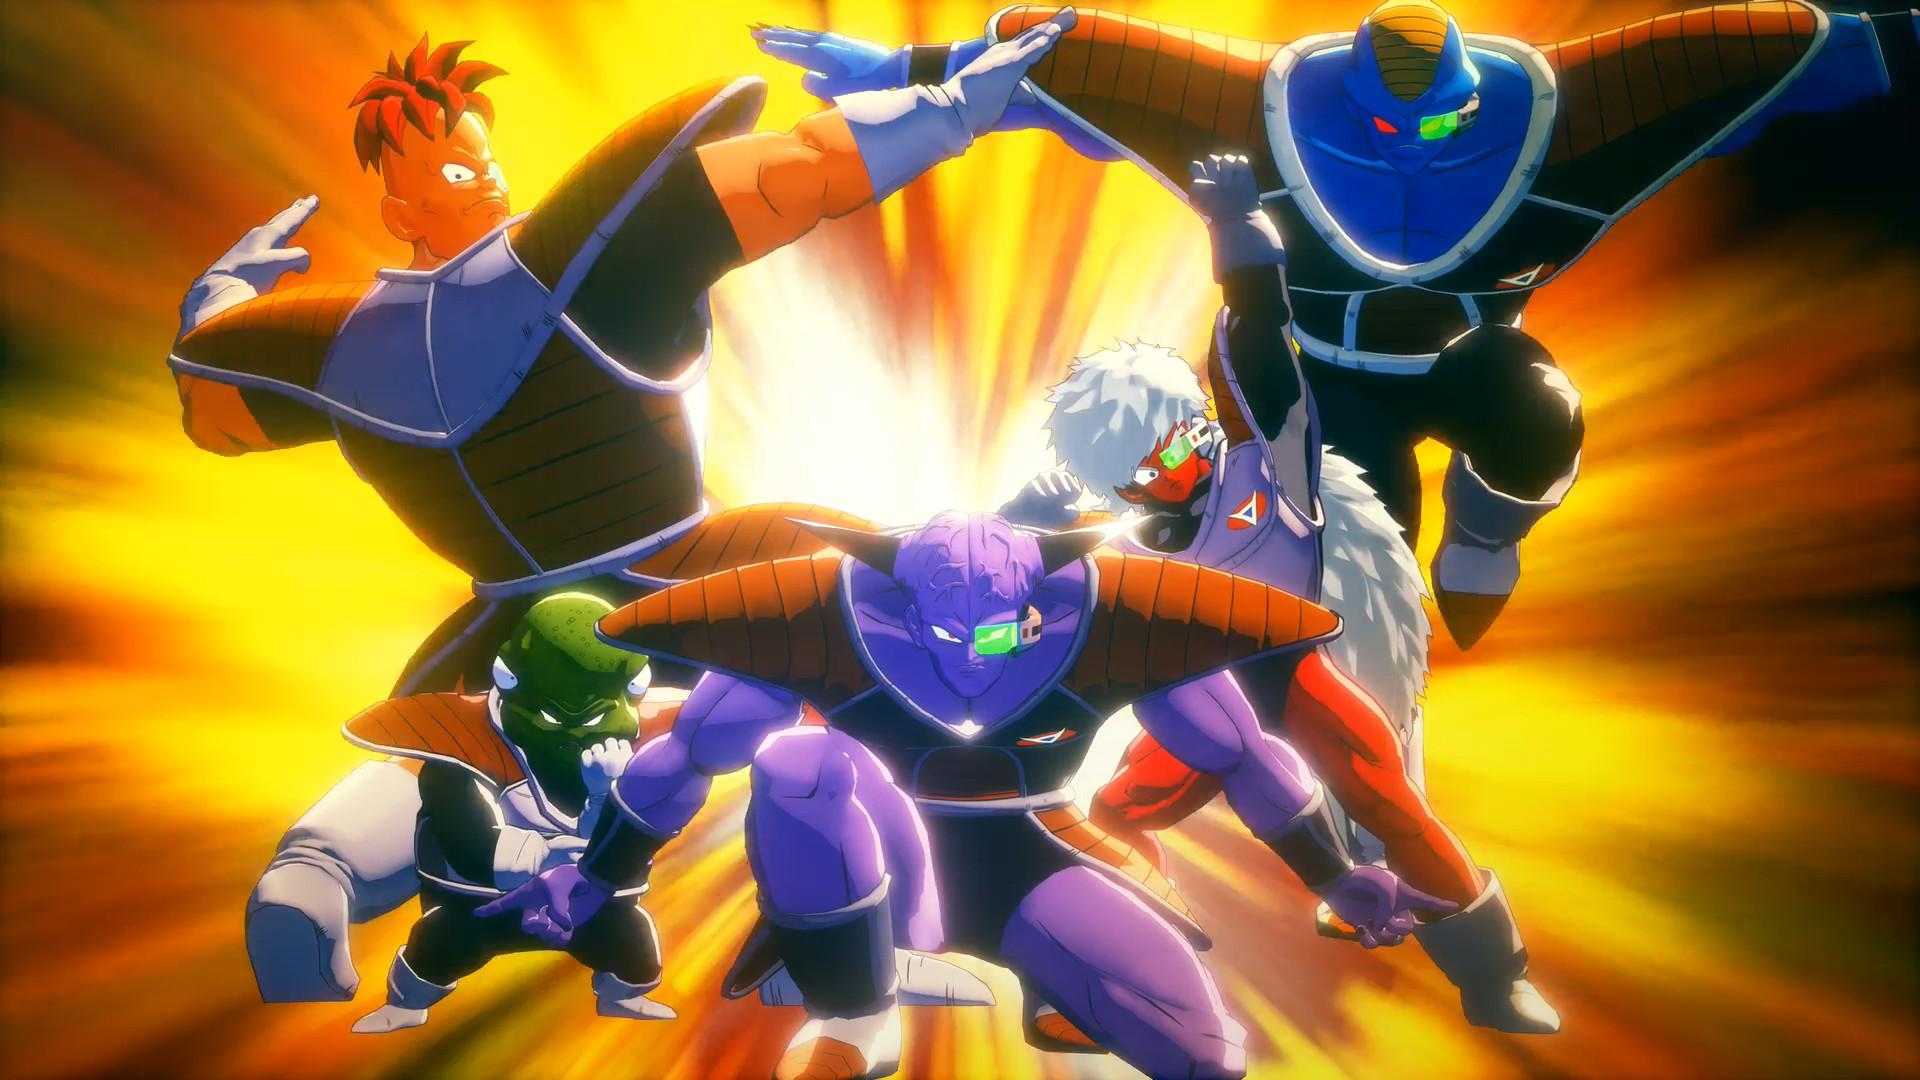 Dragon Ball Z Kakarot Comment Obtenir Des Tonnes De Medailles D Guide Des Medailles D Entrainement Facile Trucs Et Astuces Jeux Com